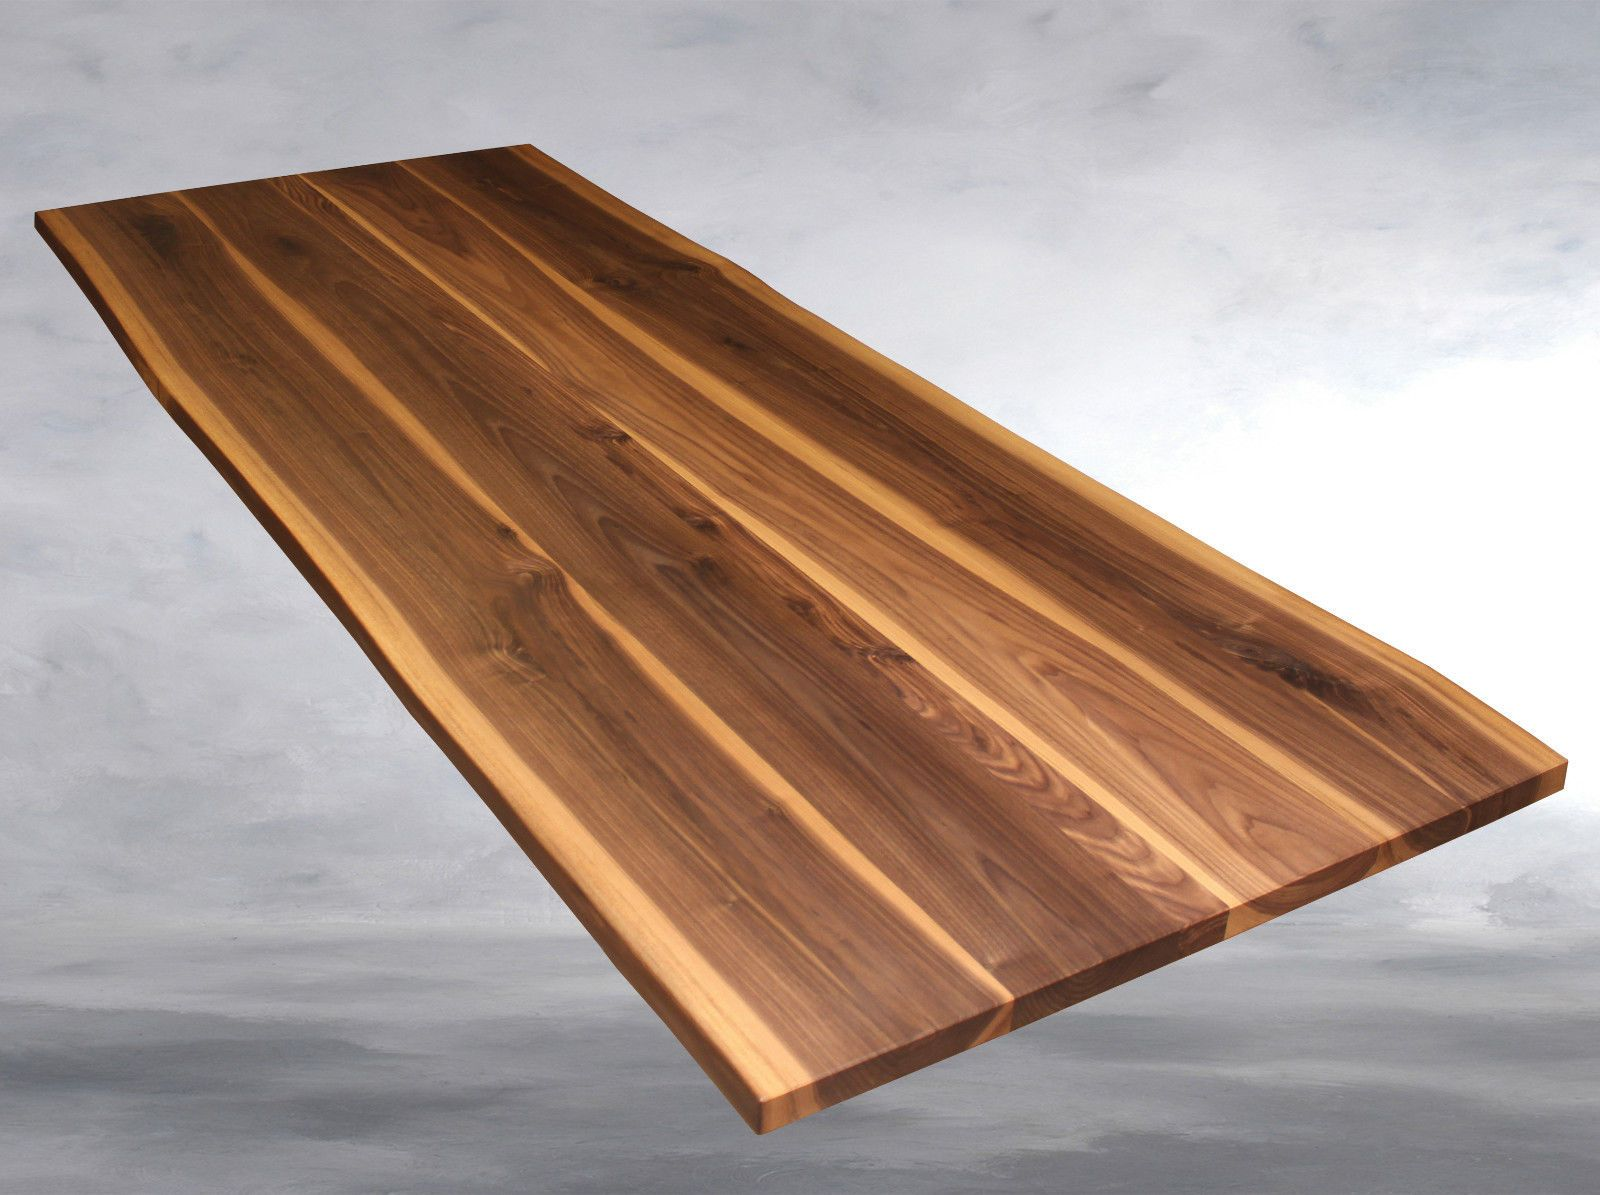 Tischplatte nussbaum massiv esstisch baumkante ge lt for Massivholz tischplatte